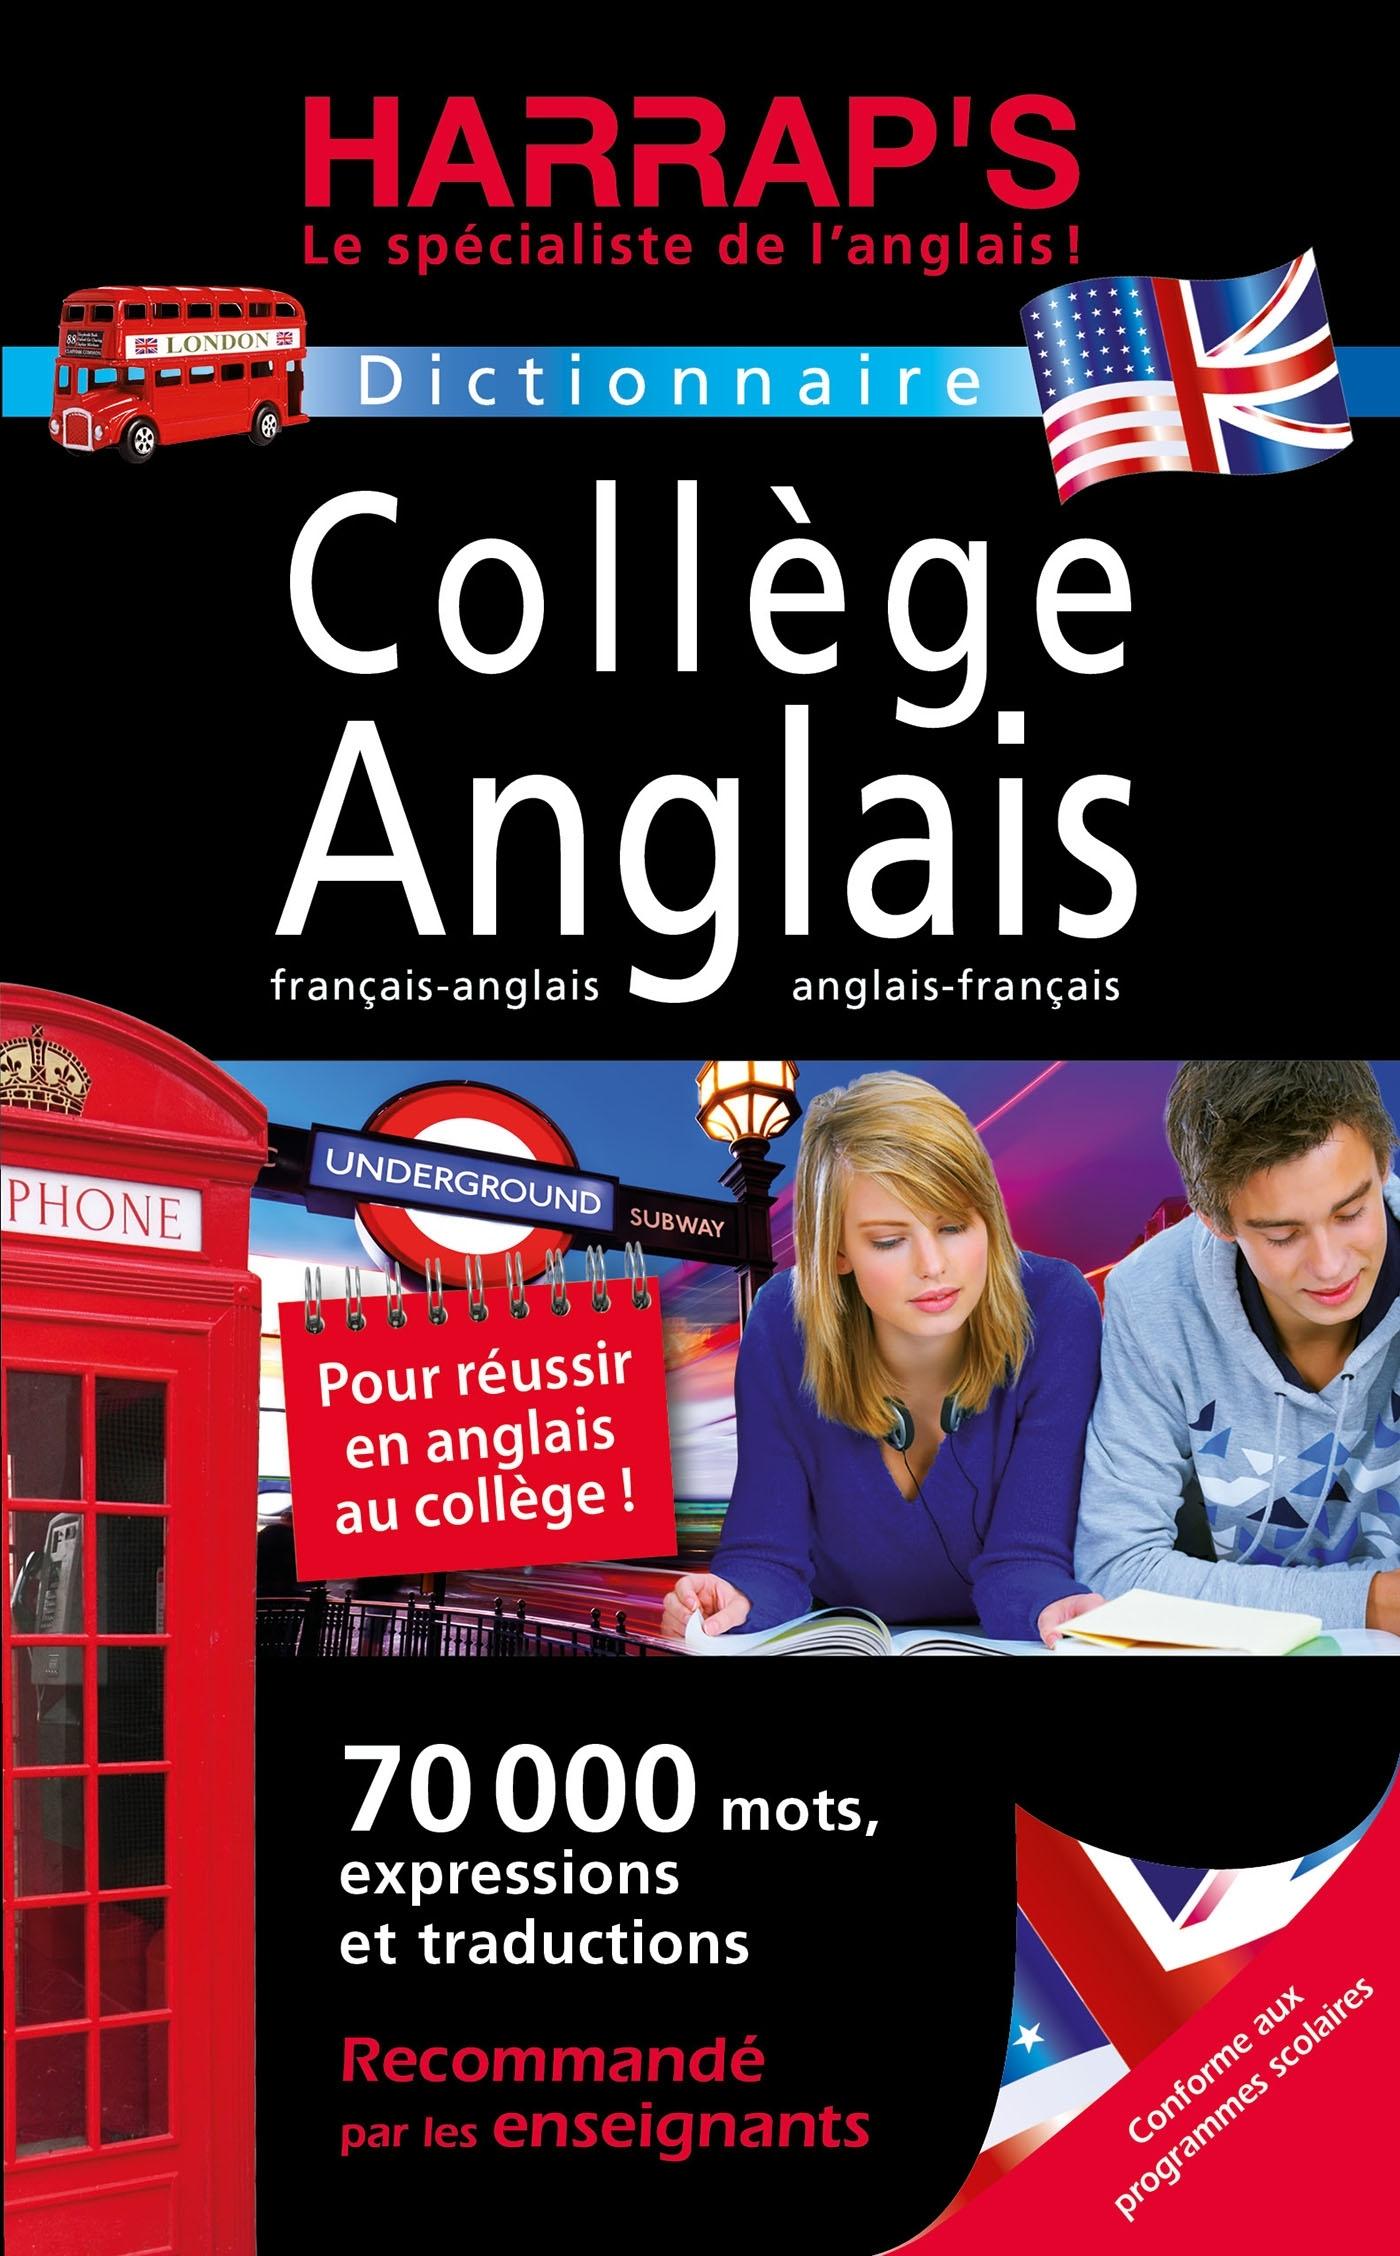 HARRAP'S COLLEGE FRANCAIS-ANGLAIS / ANGLAIS-FRANCAIS